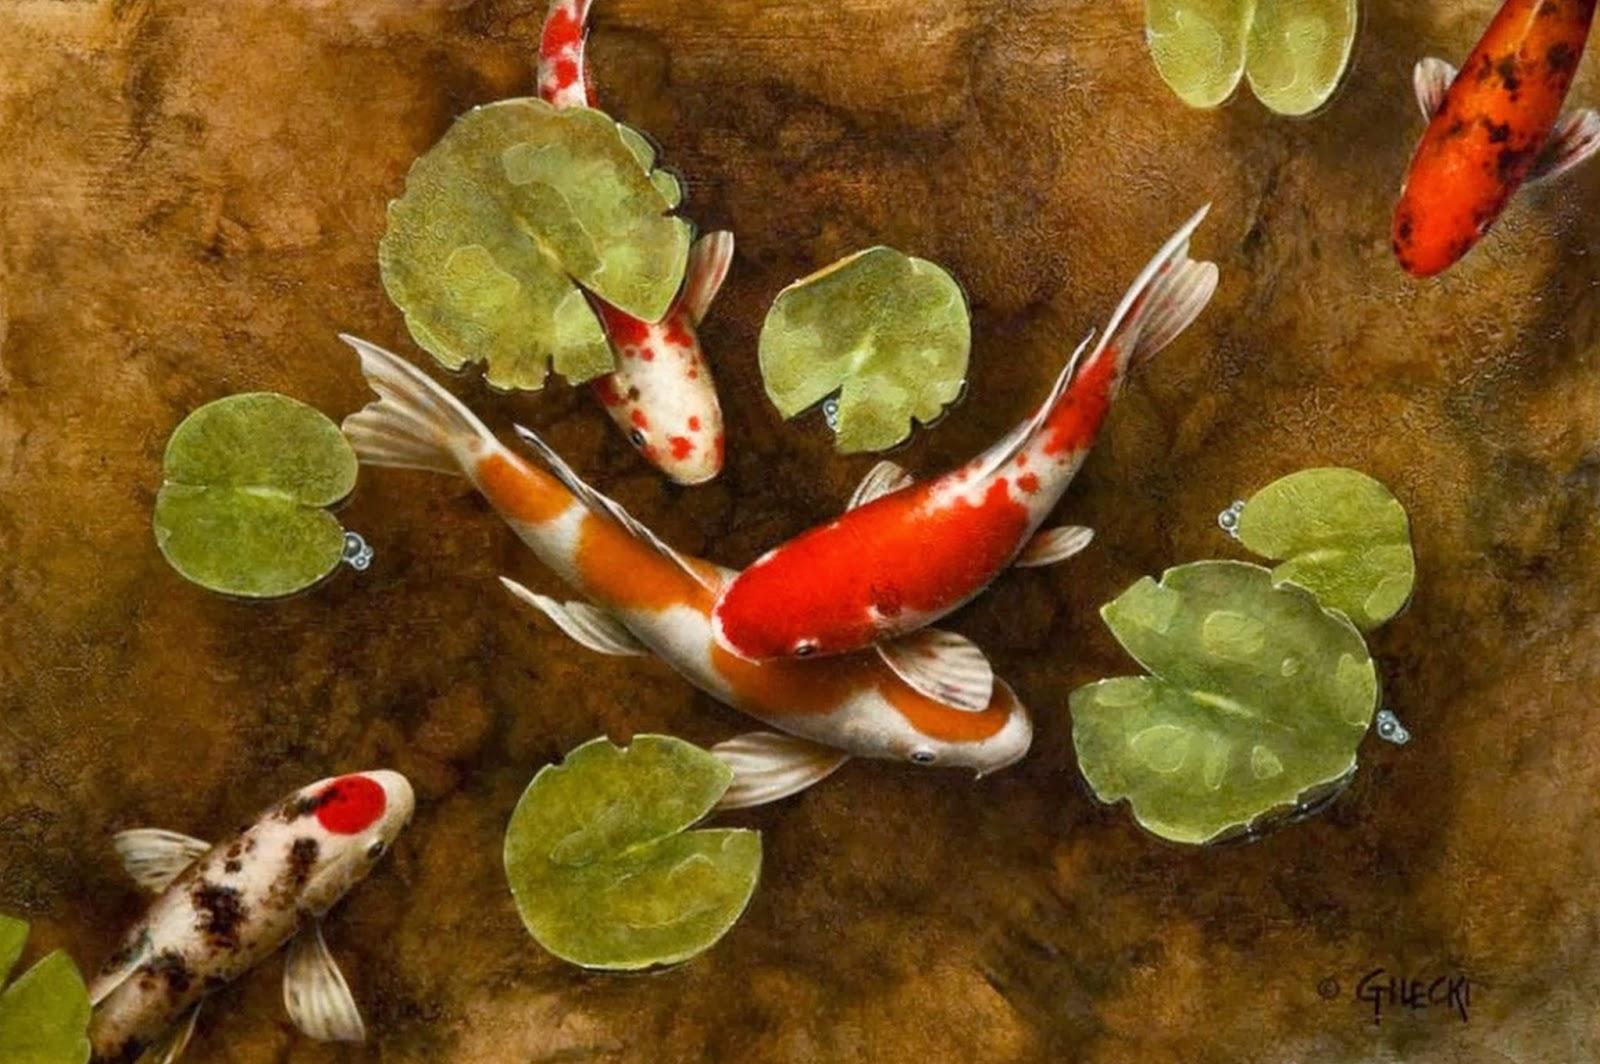 Cuadros modernos pinturas y dibujos 12 10 13 for Pintura para estanques de peces